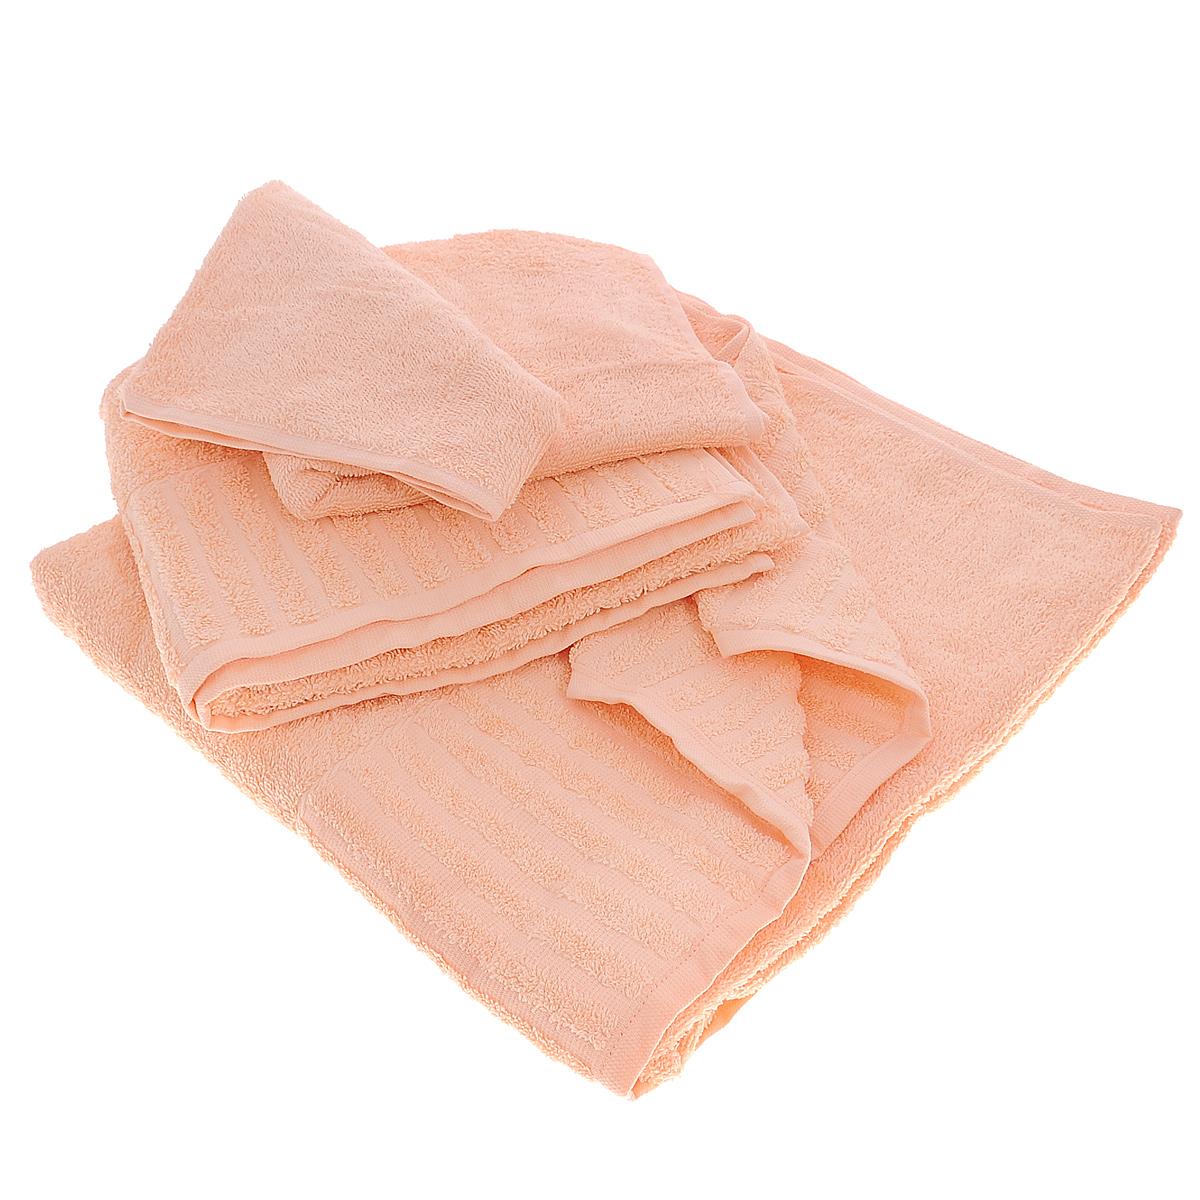 Набор махровых полотенец Bonita, цвет: персиковый, 3 шт01011116346Набор Bonita состоит из трех полотенец разного размера, выполненных из натурального хлопка. Такие полотенца отлично впитывают влагу, быстро сохнут, сохраняют яркость цвета и не теряют формы даже после многократных стирок. Полотенца очень практичны и неприхотливы в уходе. Размер полотенец: 40 см х 70 см; 50 см х 90 см; 70 см х 140 см.